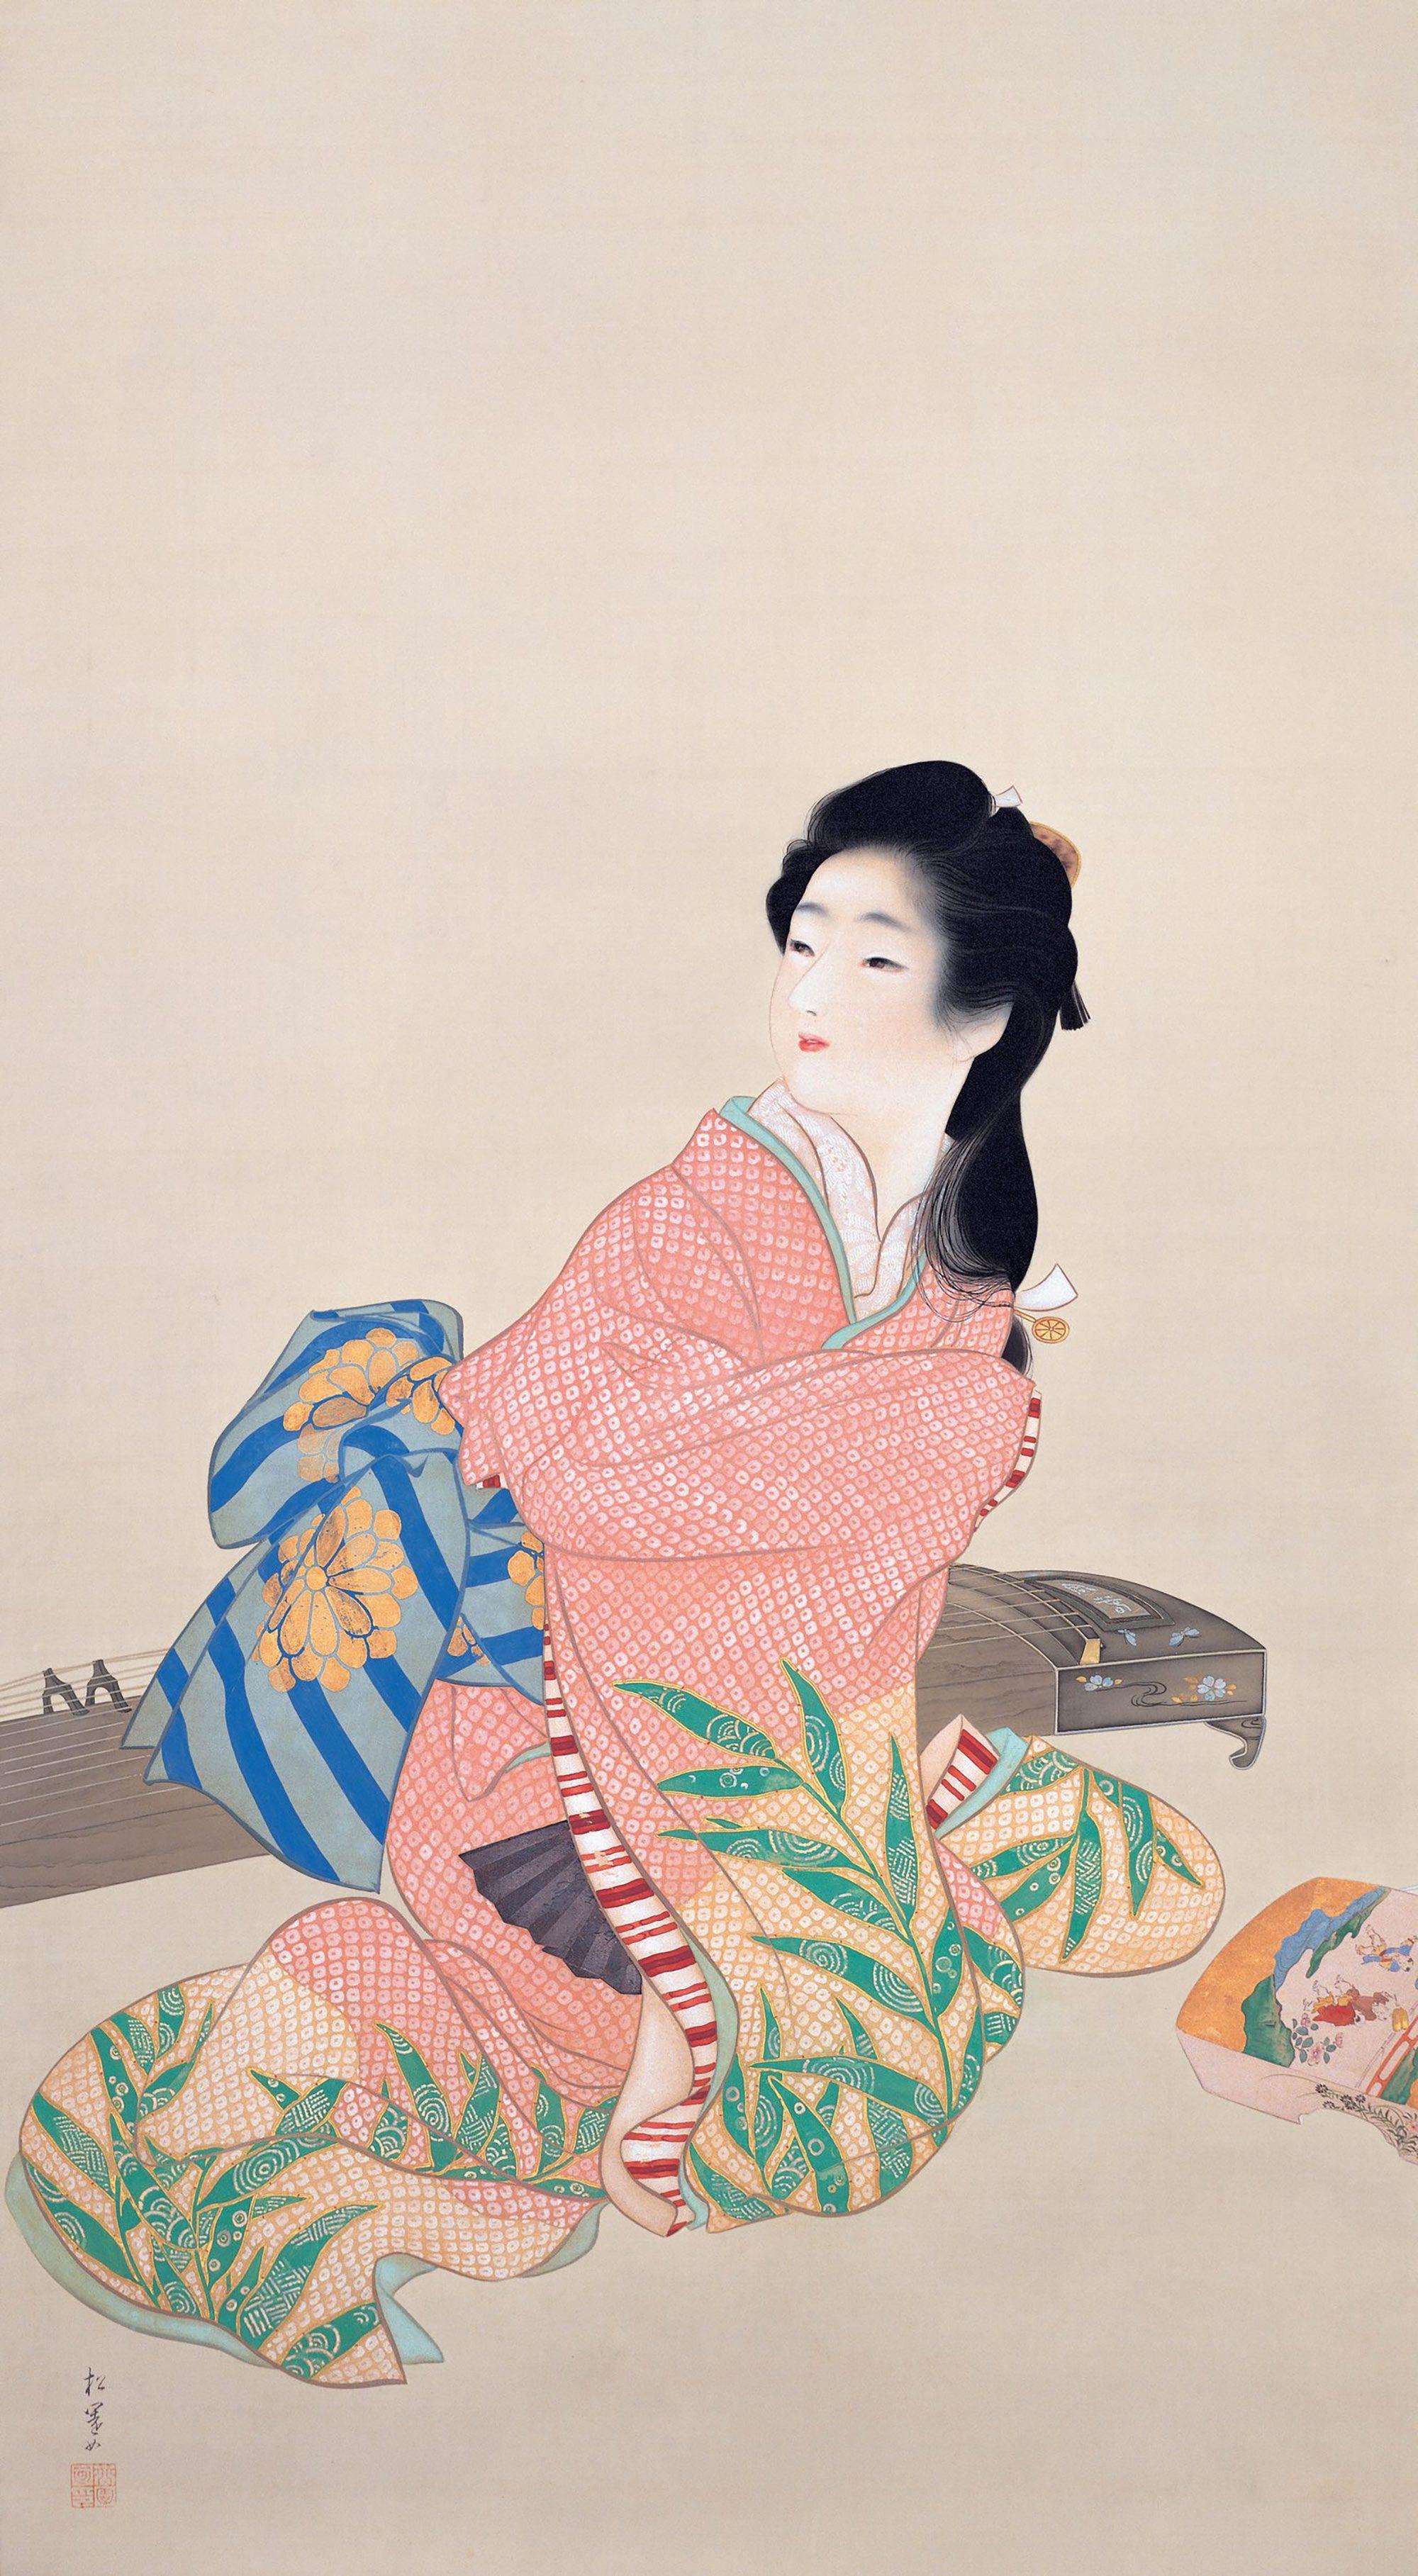 上村松园「闺女深雪」大正3年(1914)足立美术馆藏